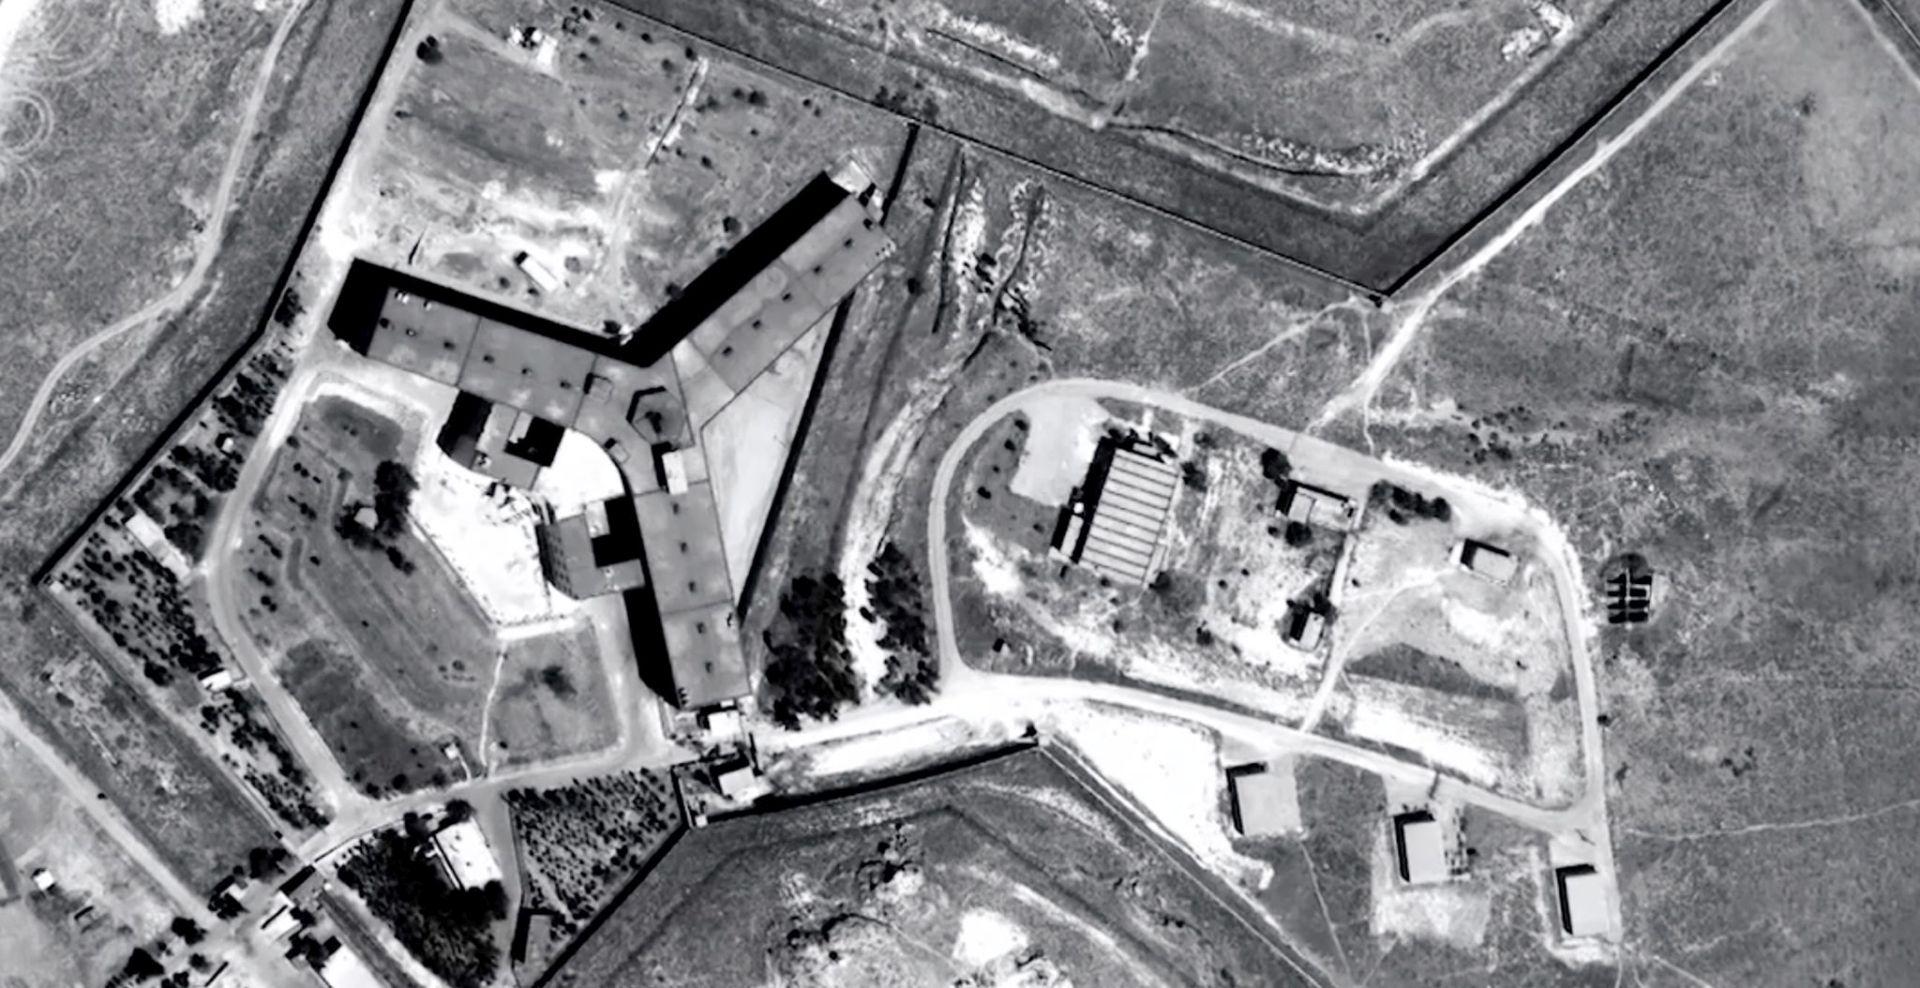 SIRIJA OCIJENILA: Izvješće o masovnim pogubljenjima je potpuno pogrešno